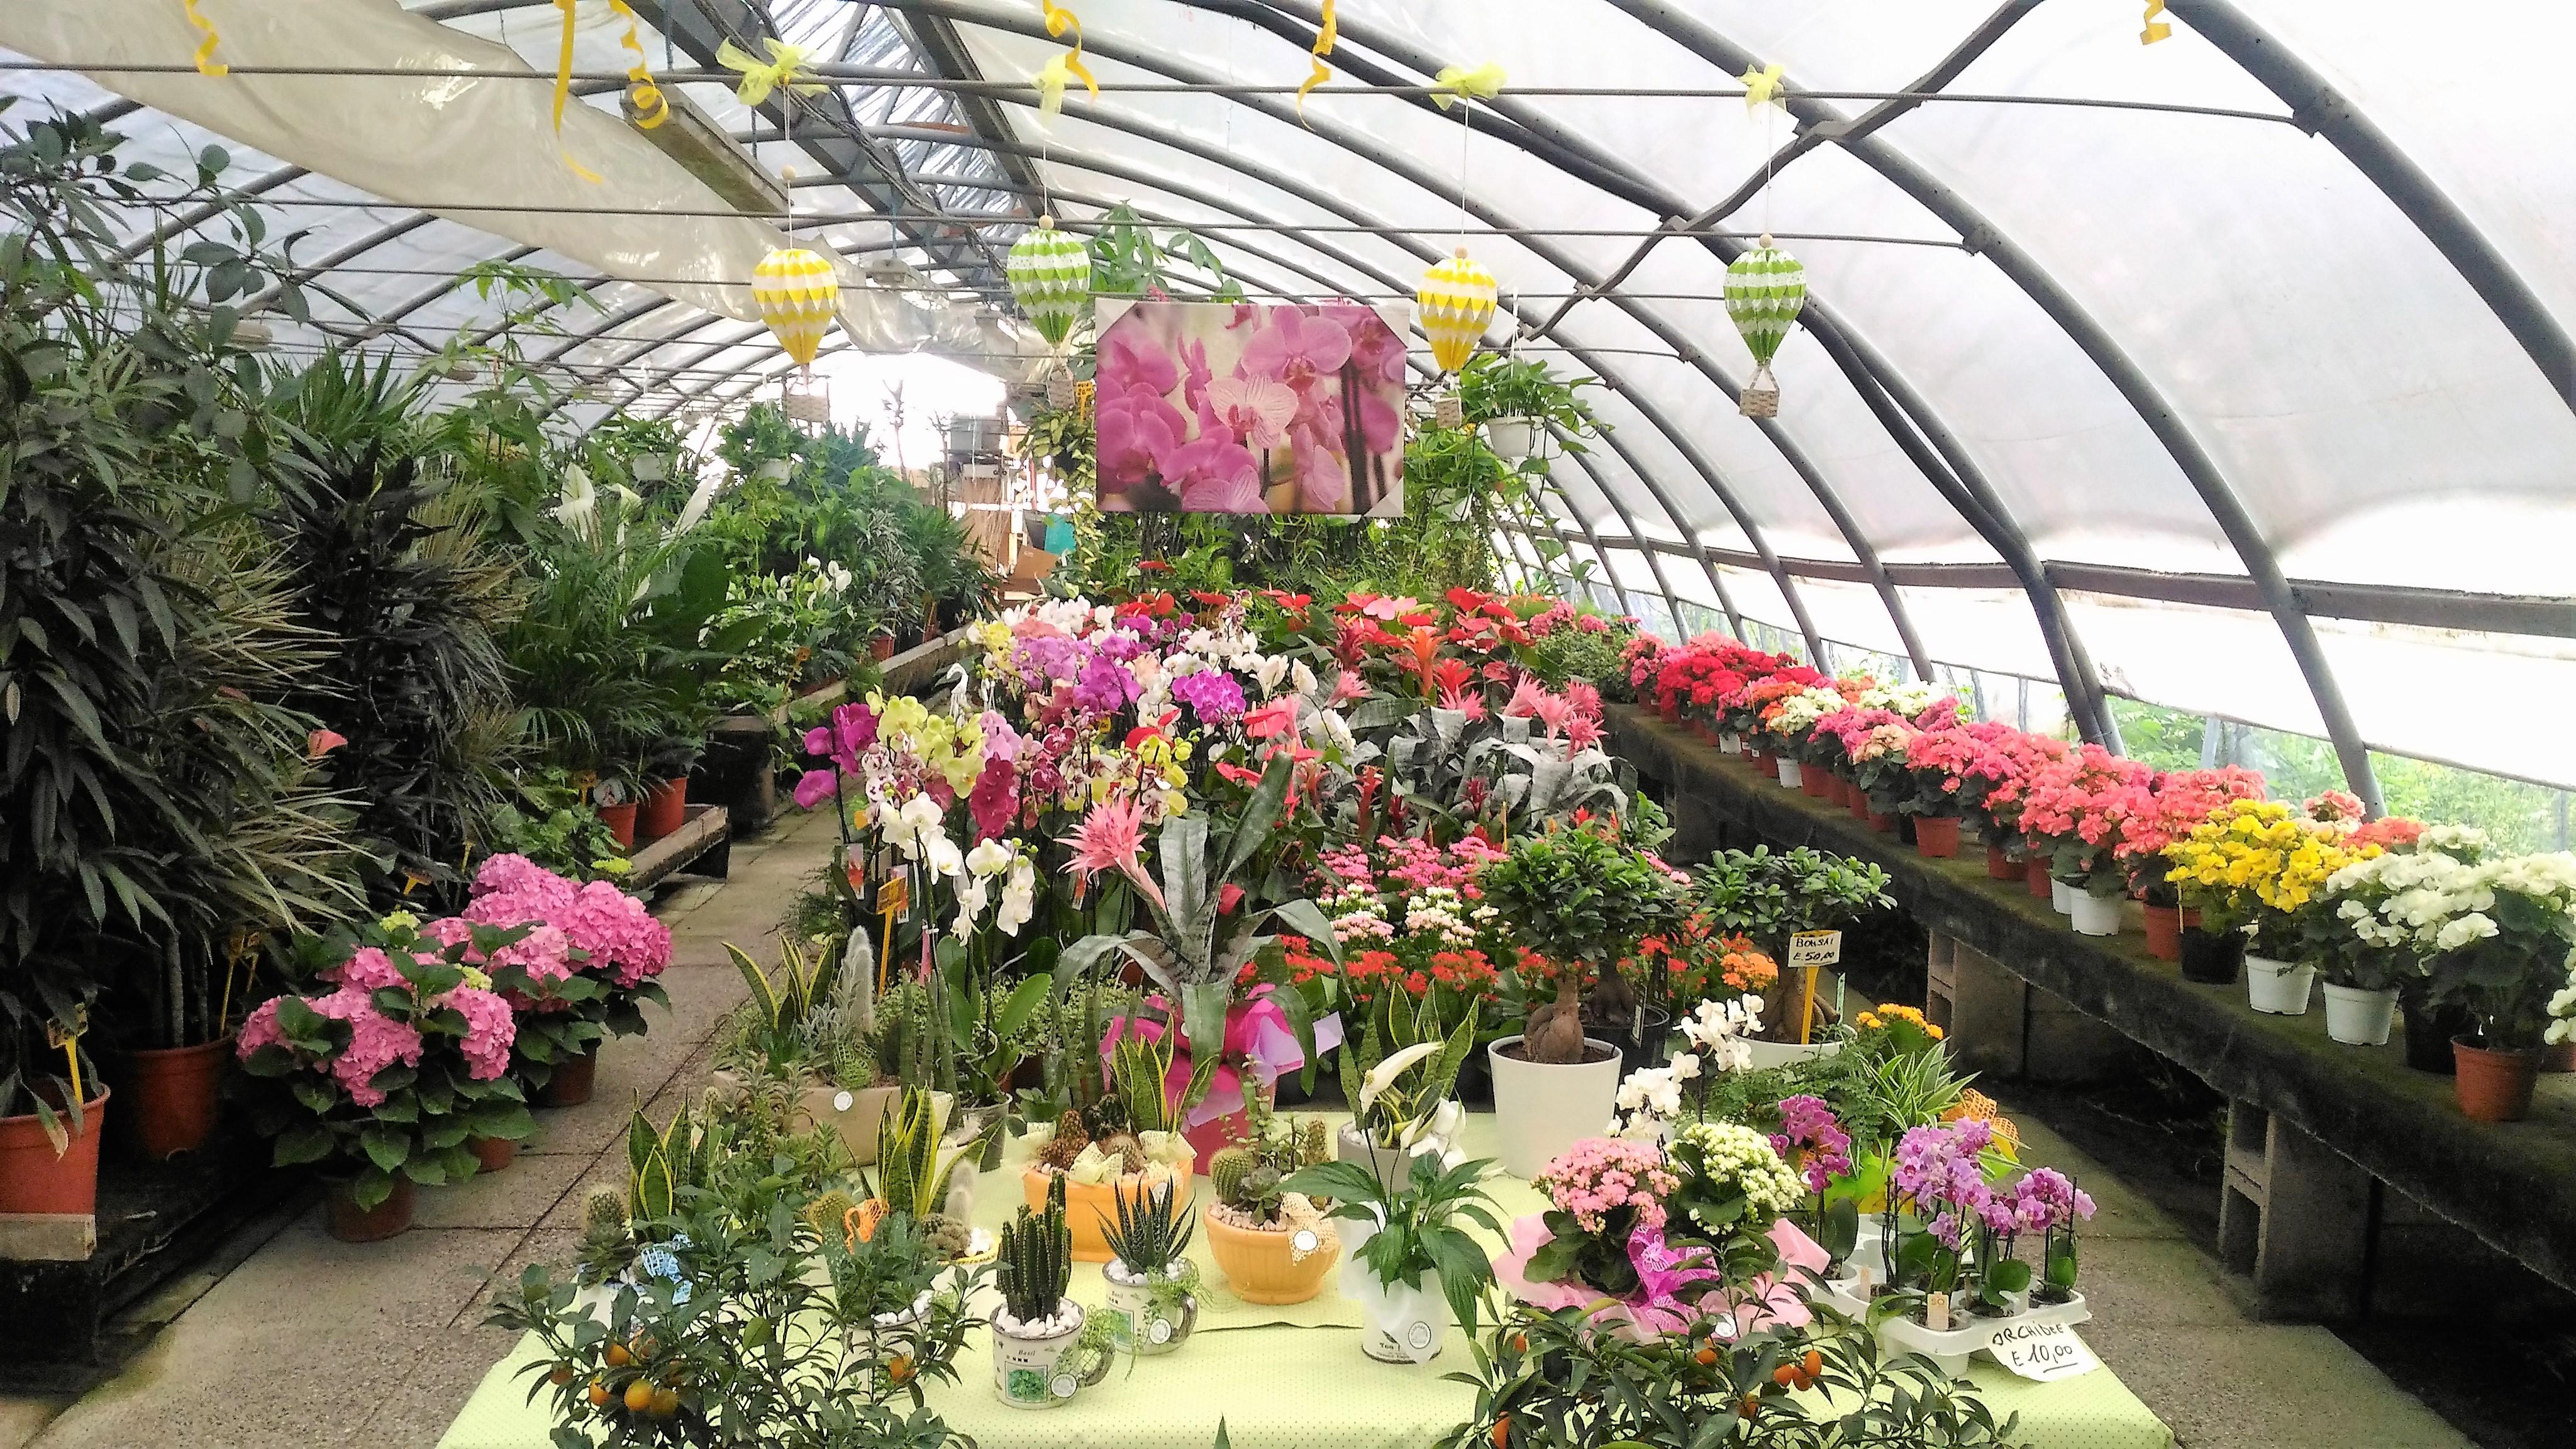 Carboni Correggio Arredo Bagno.Flor Garden Di Carboni Maurizio Vivai Articoli Da Regalo